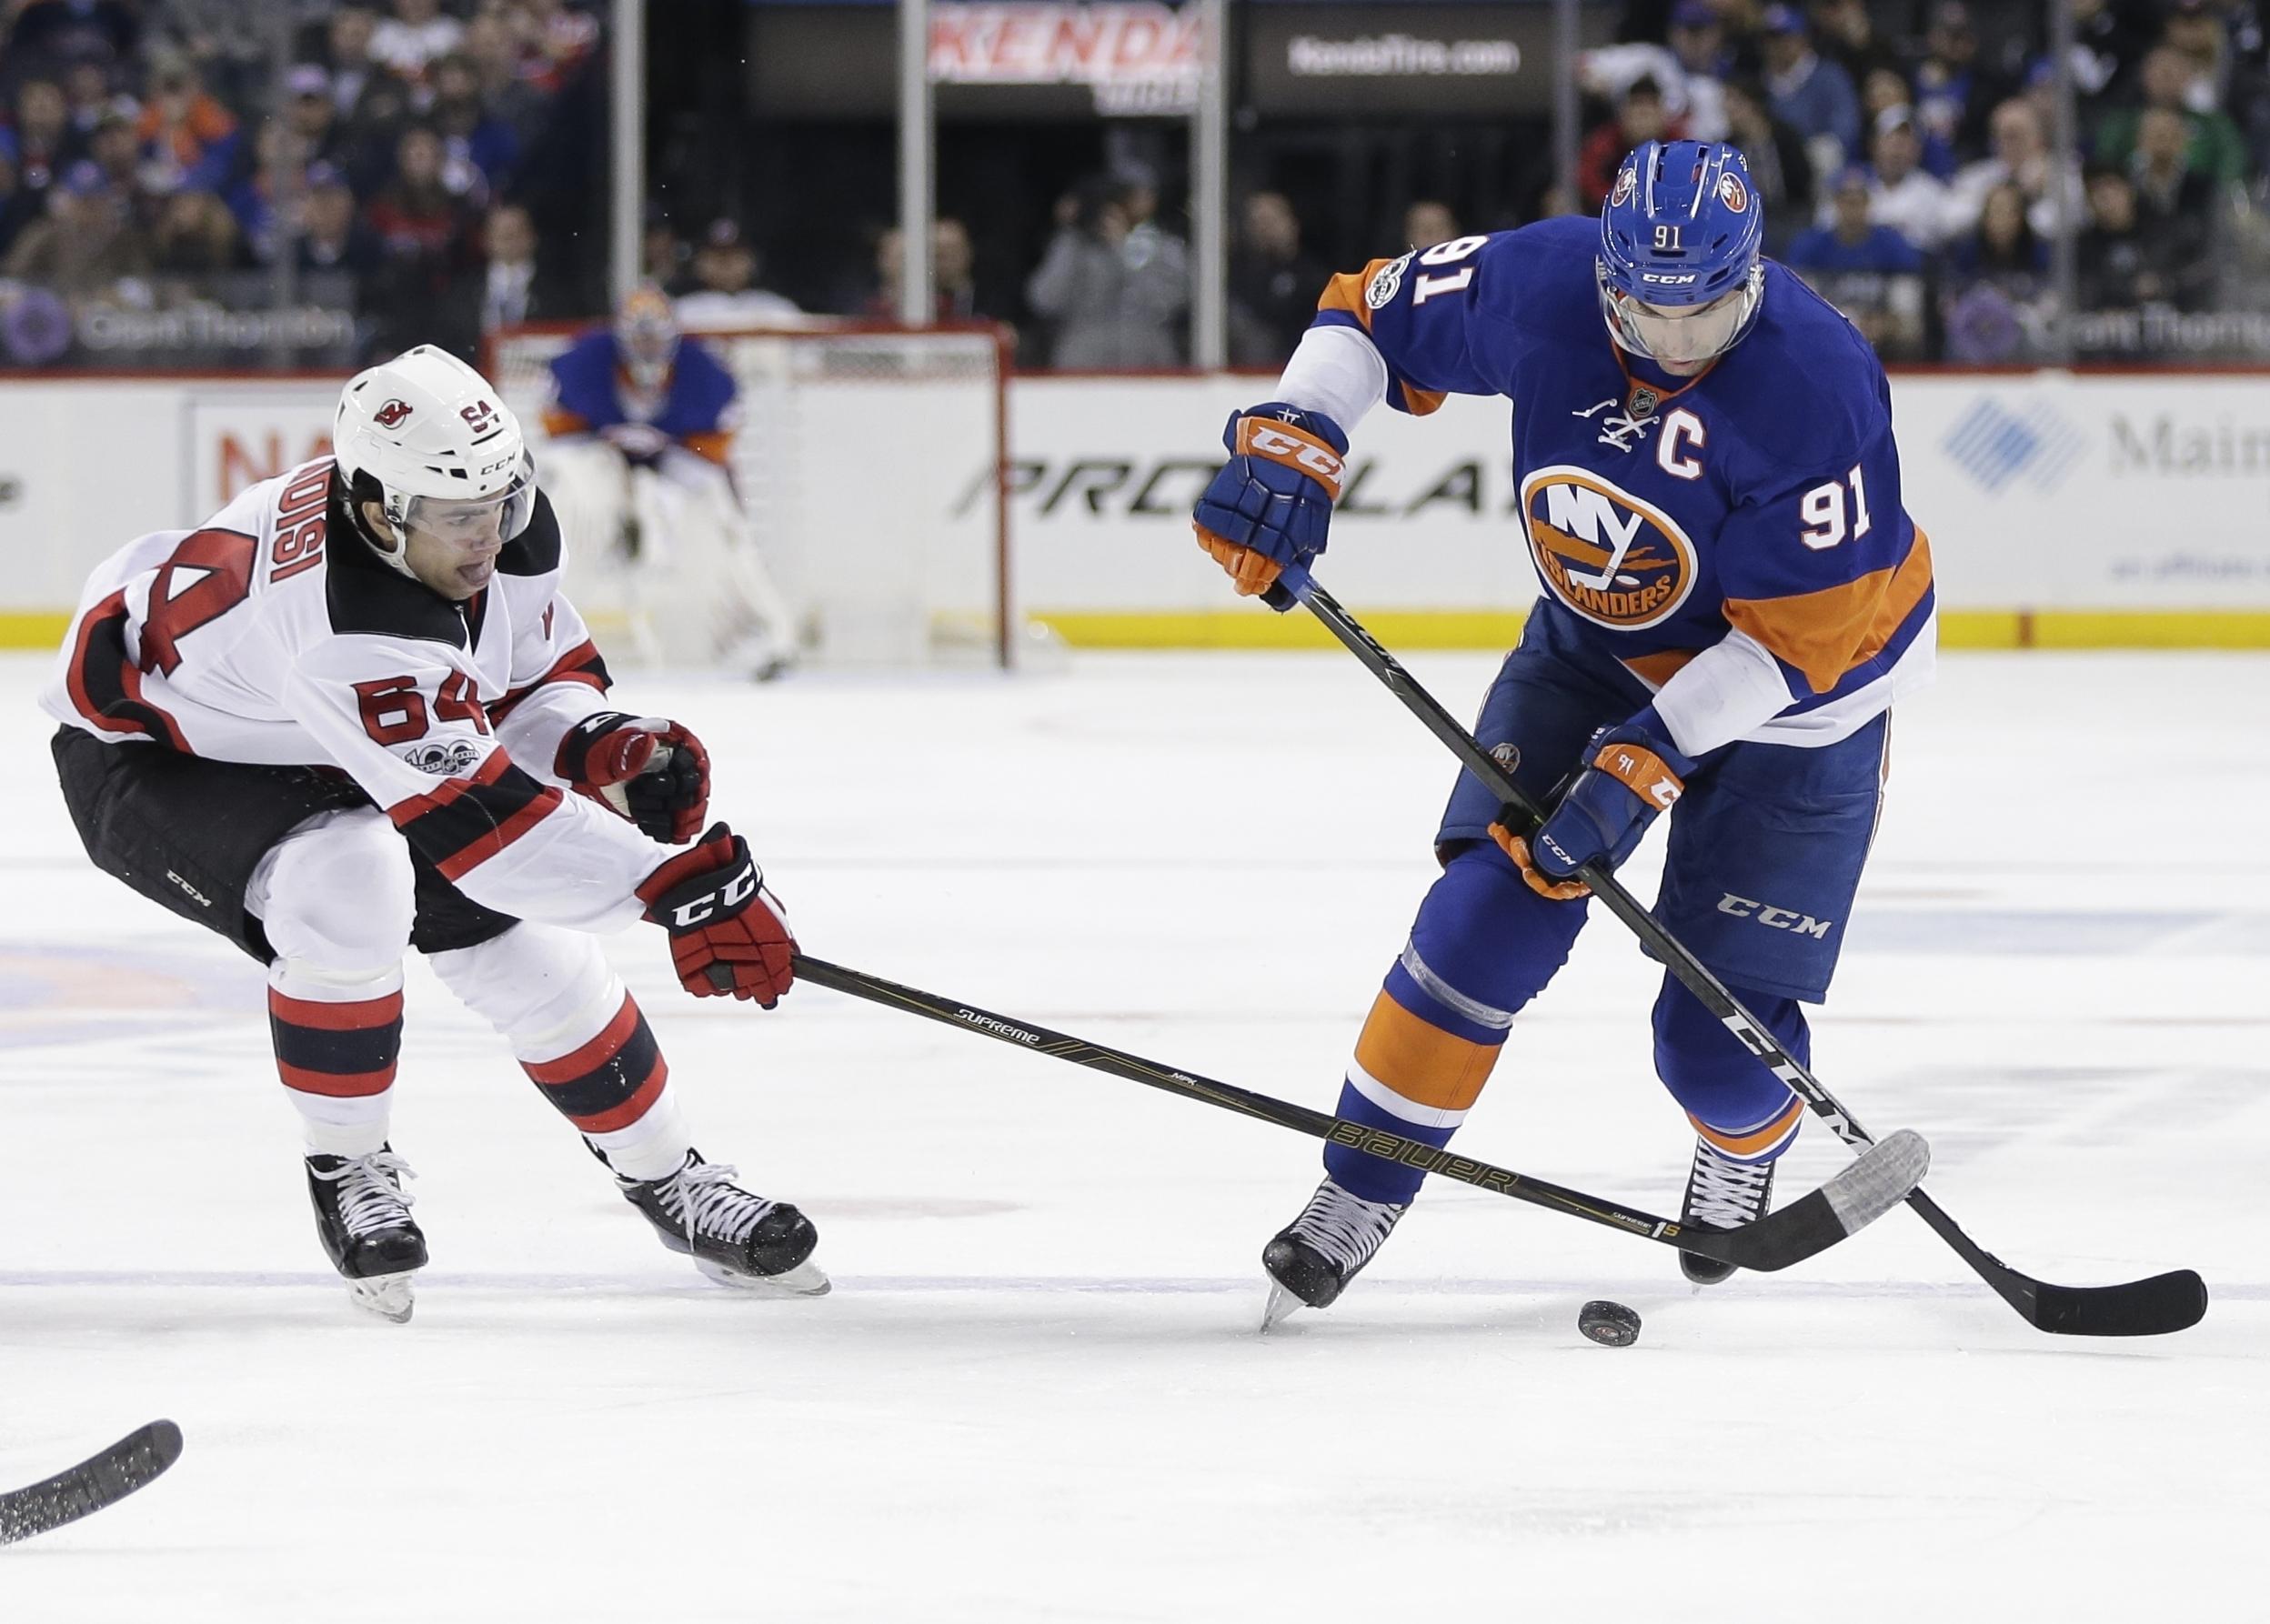 Devils_islanders_hockey_87026